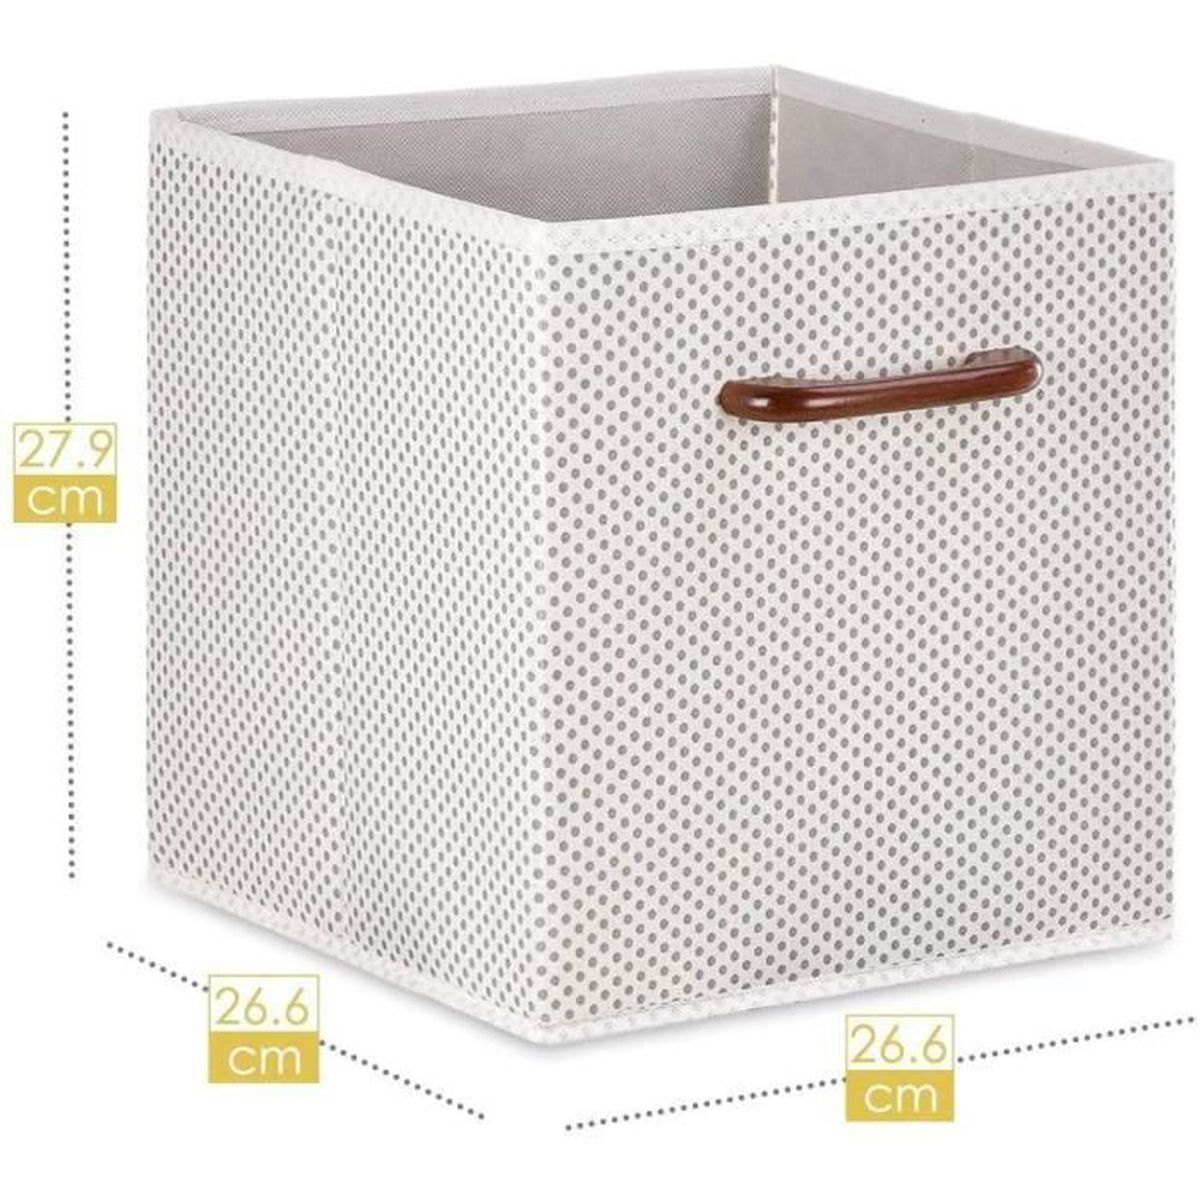 Maidmax Casier Rangement Cube De Rangement Tissu Boite De Rangement Tissu Tiroir Rangement Panieres Rangement Avec Poignees En Achat Vente Caisse Alimentaire Bientot Le Black Friday Cdiscount